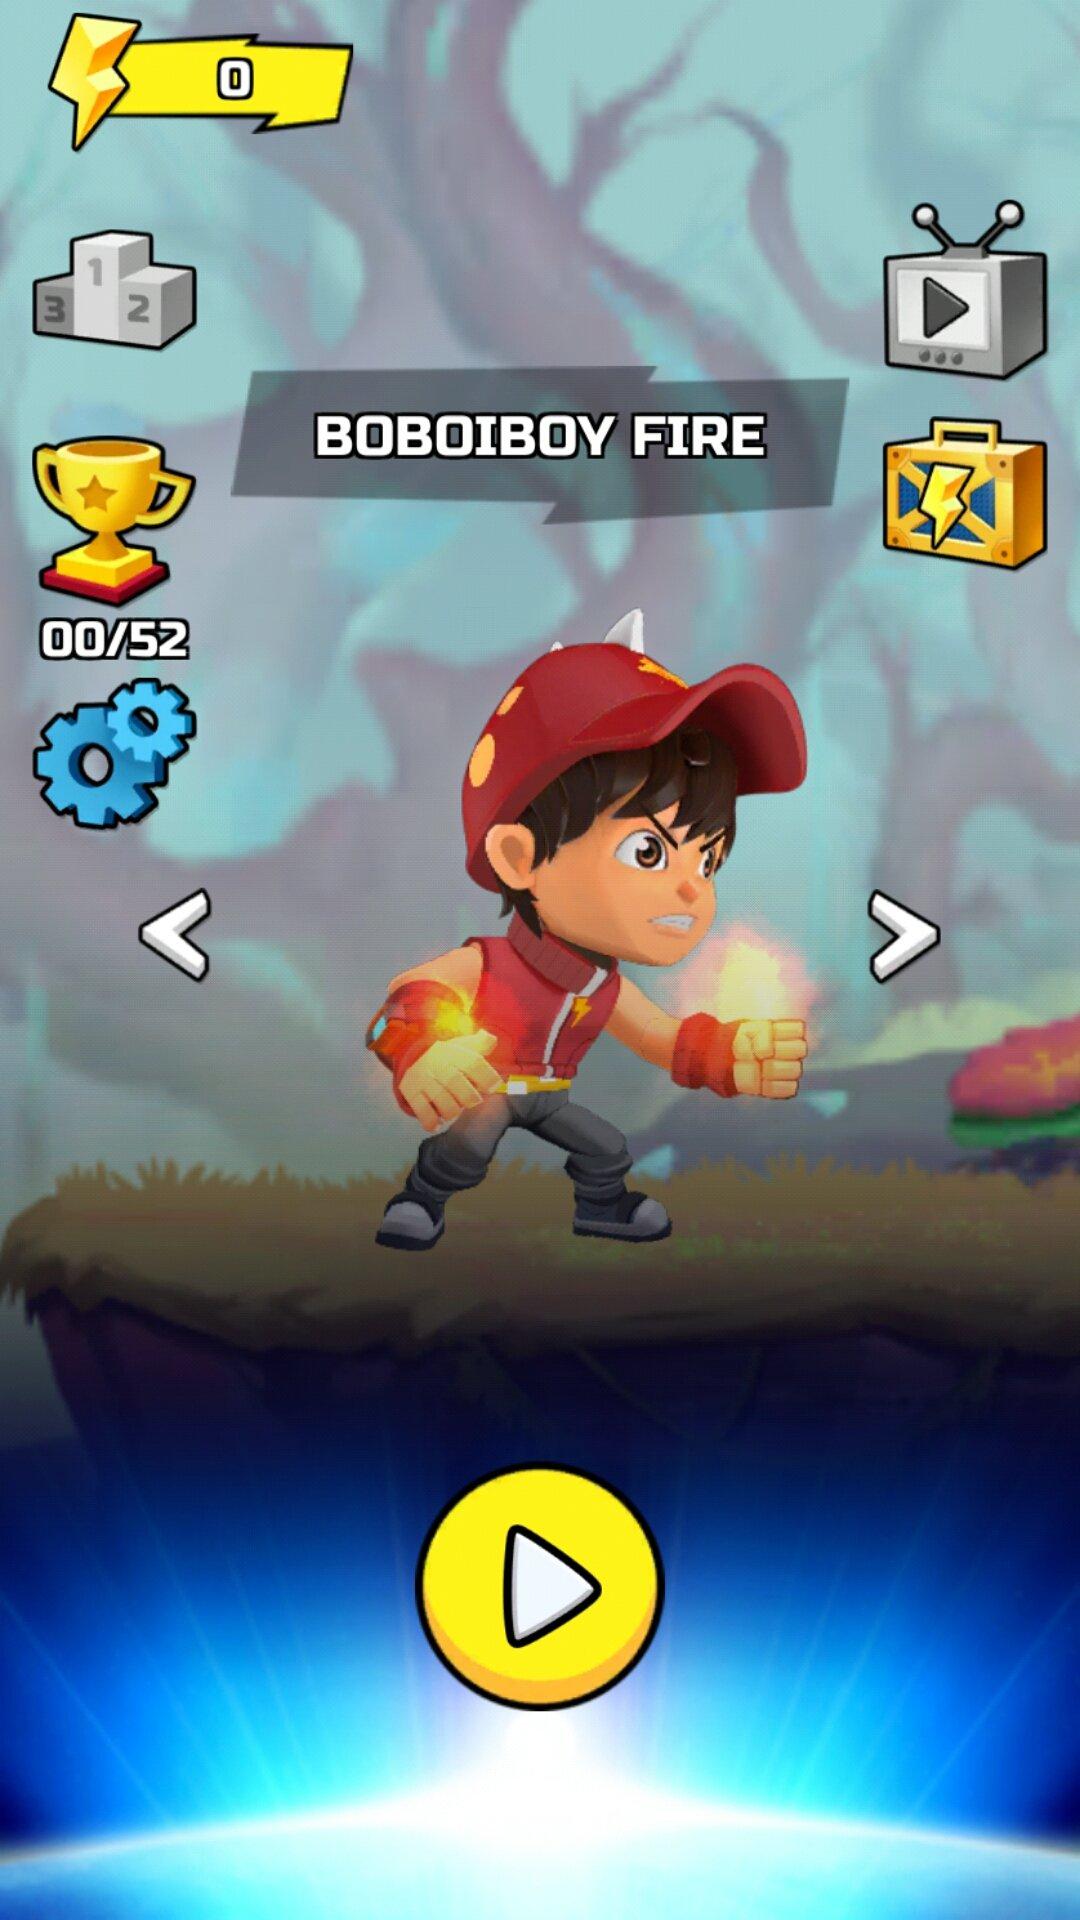 boboiboy galaxy run fight aliens to defend earth